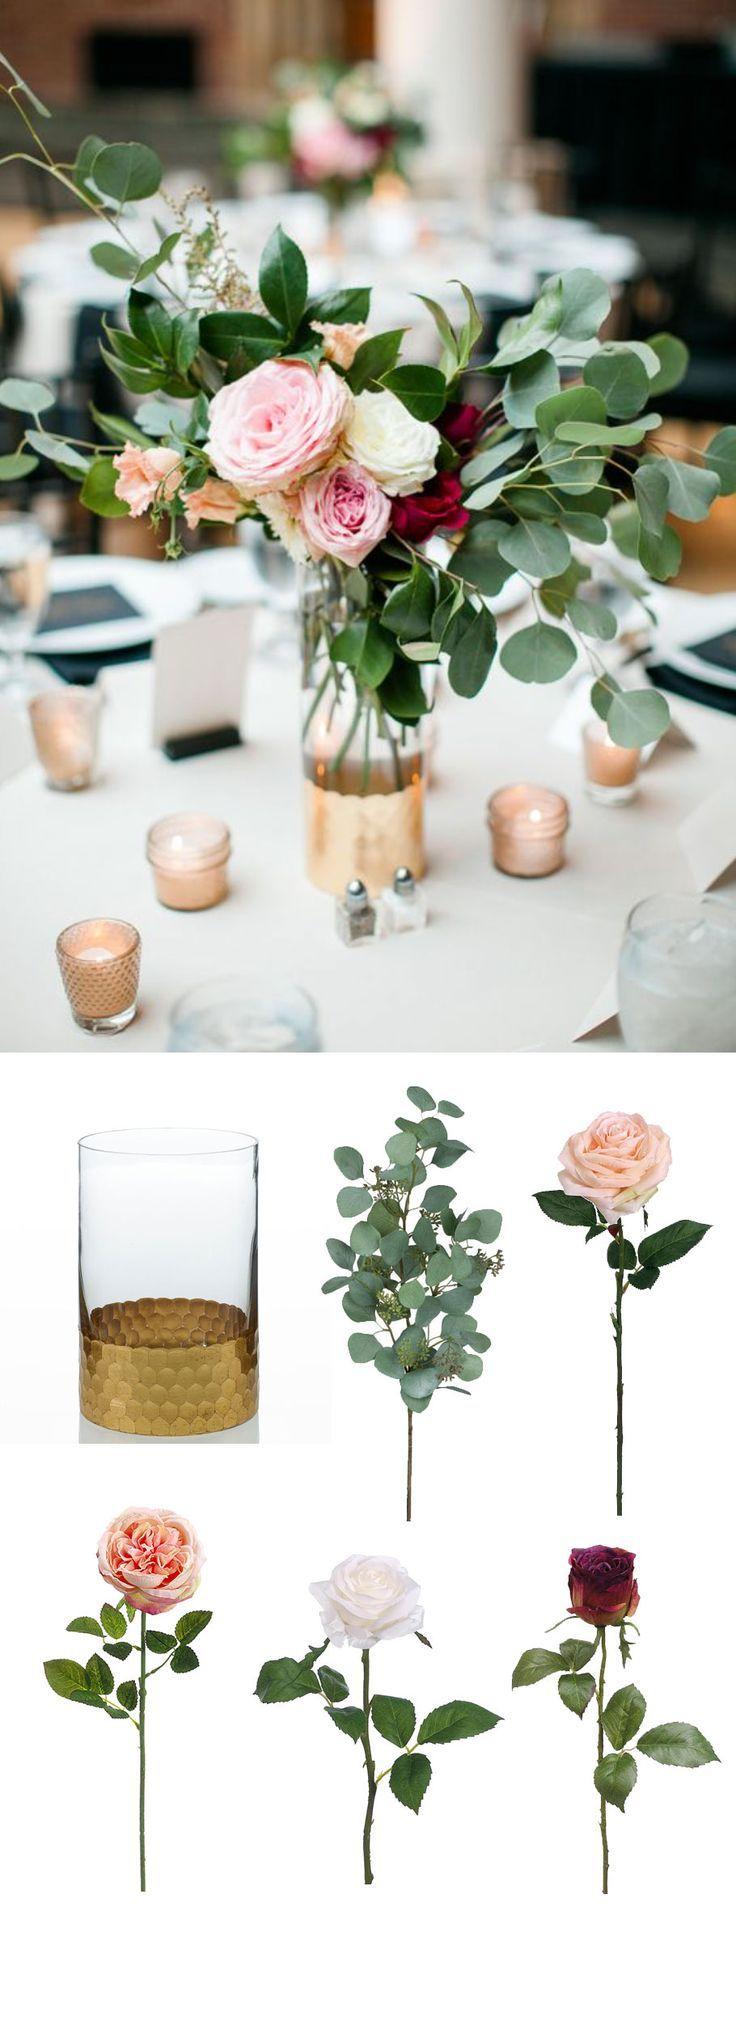 239 best Centerpieces images on Pinterest | Floral arrangements ...